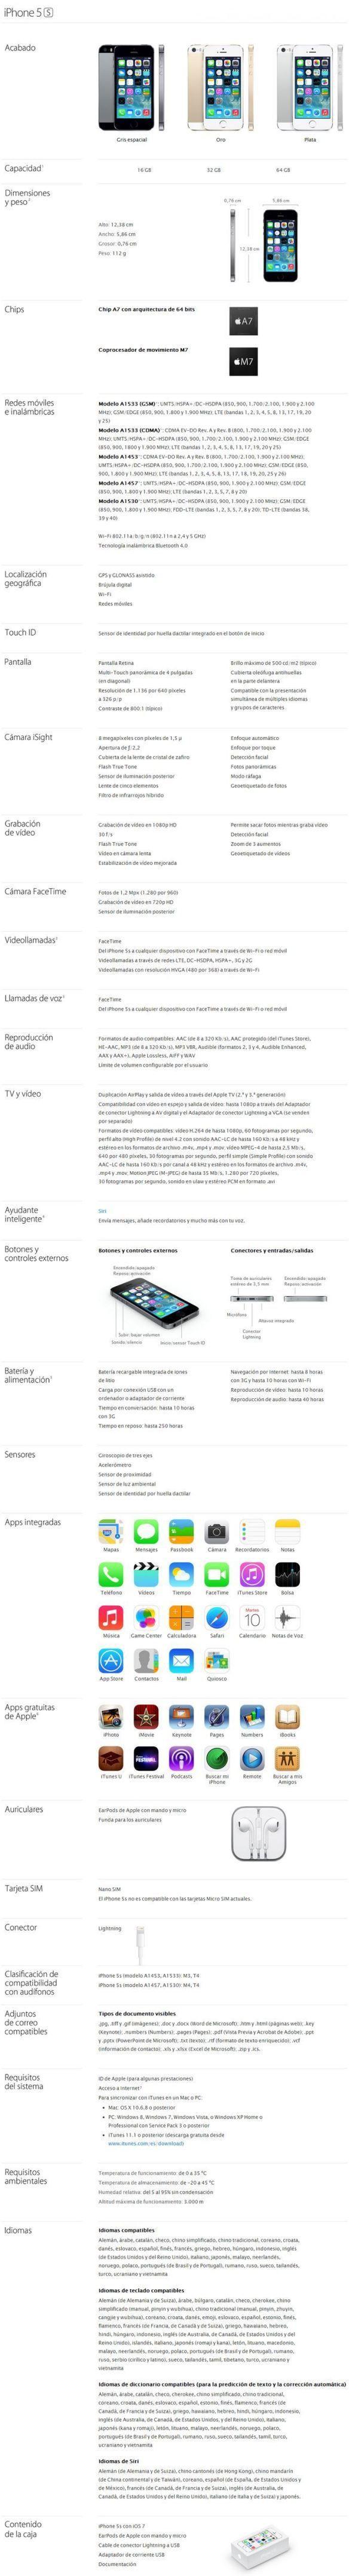 Características del #iPhone 5s, el nuevo móvil de Apple #mobile